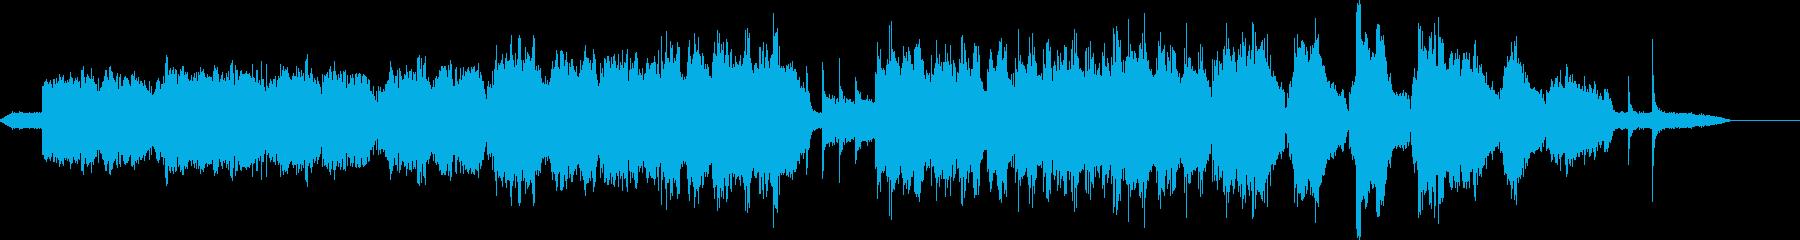 オーボエソロとストリングスによる悲しい…の再生済みの波形